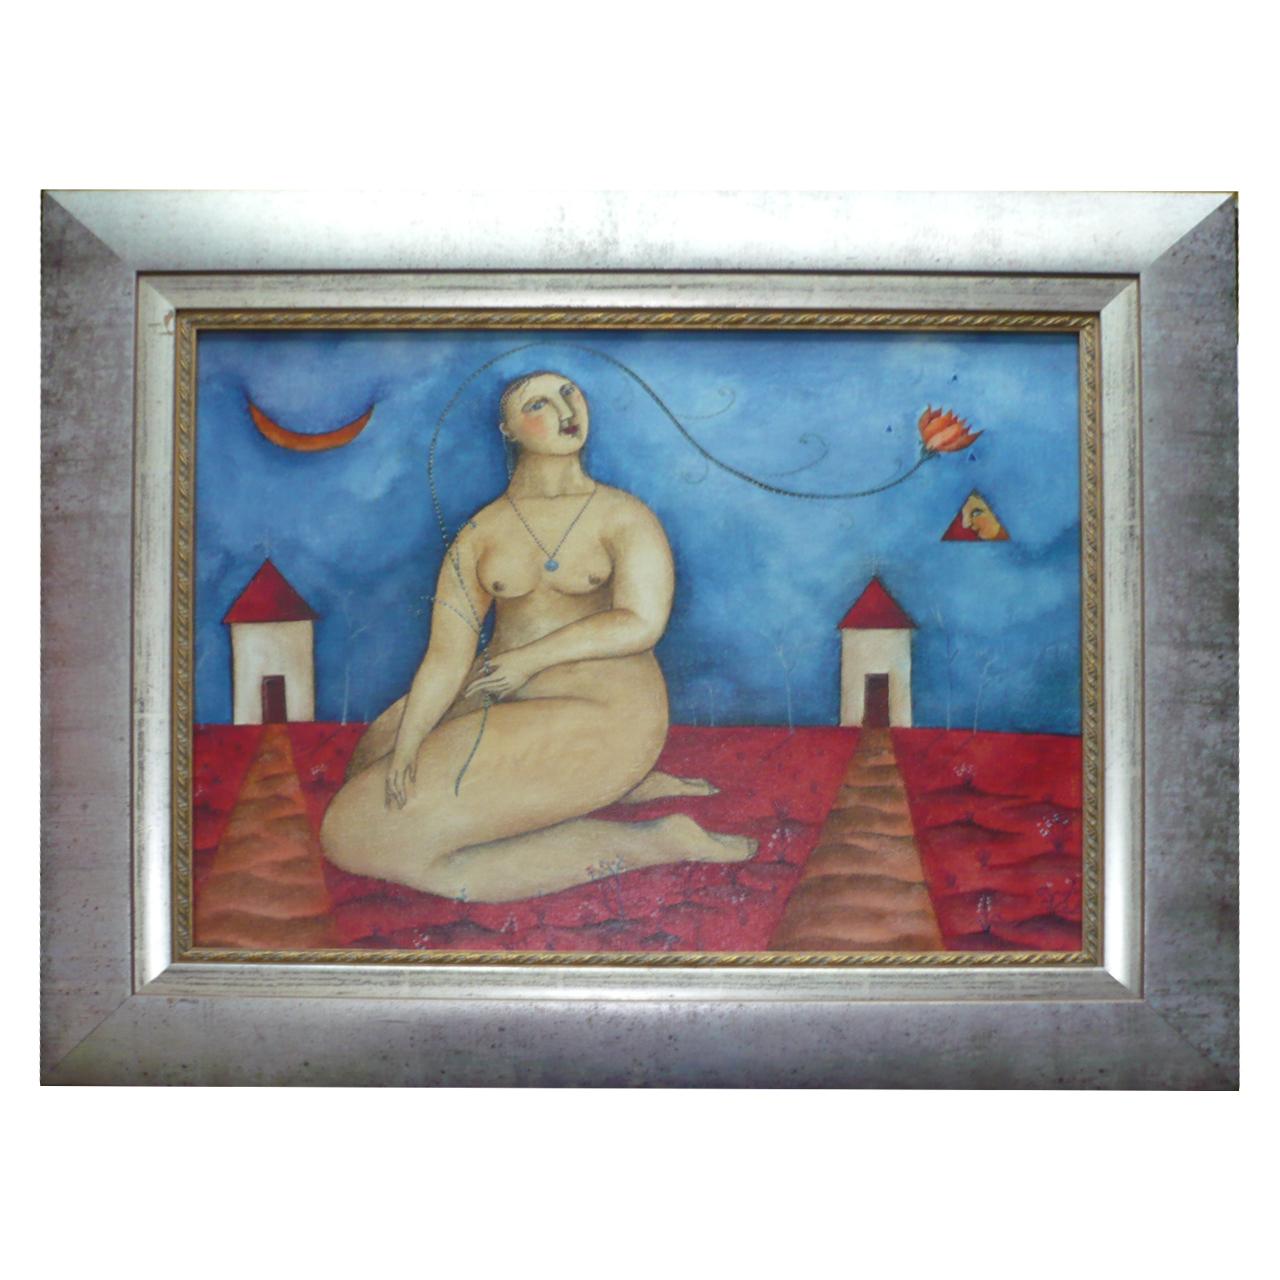 de clercq hannetjie vincent art gallery fr 67 x 58cm unfr 46 x 36cm pa1297